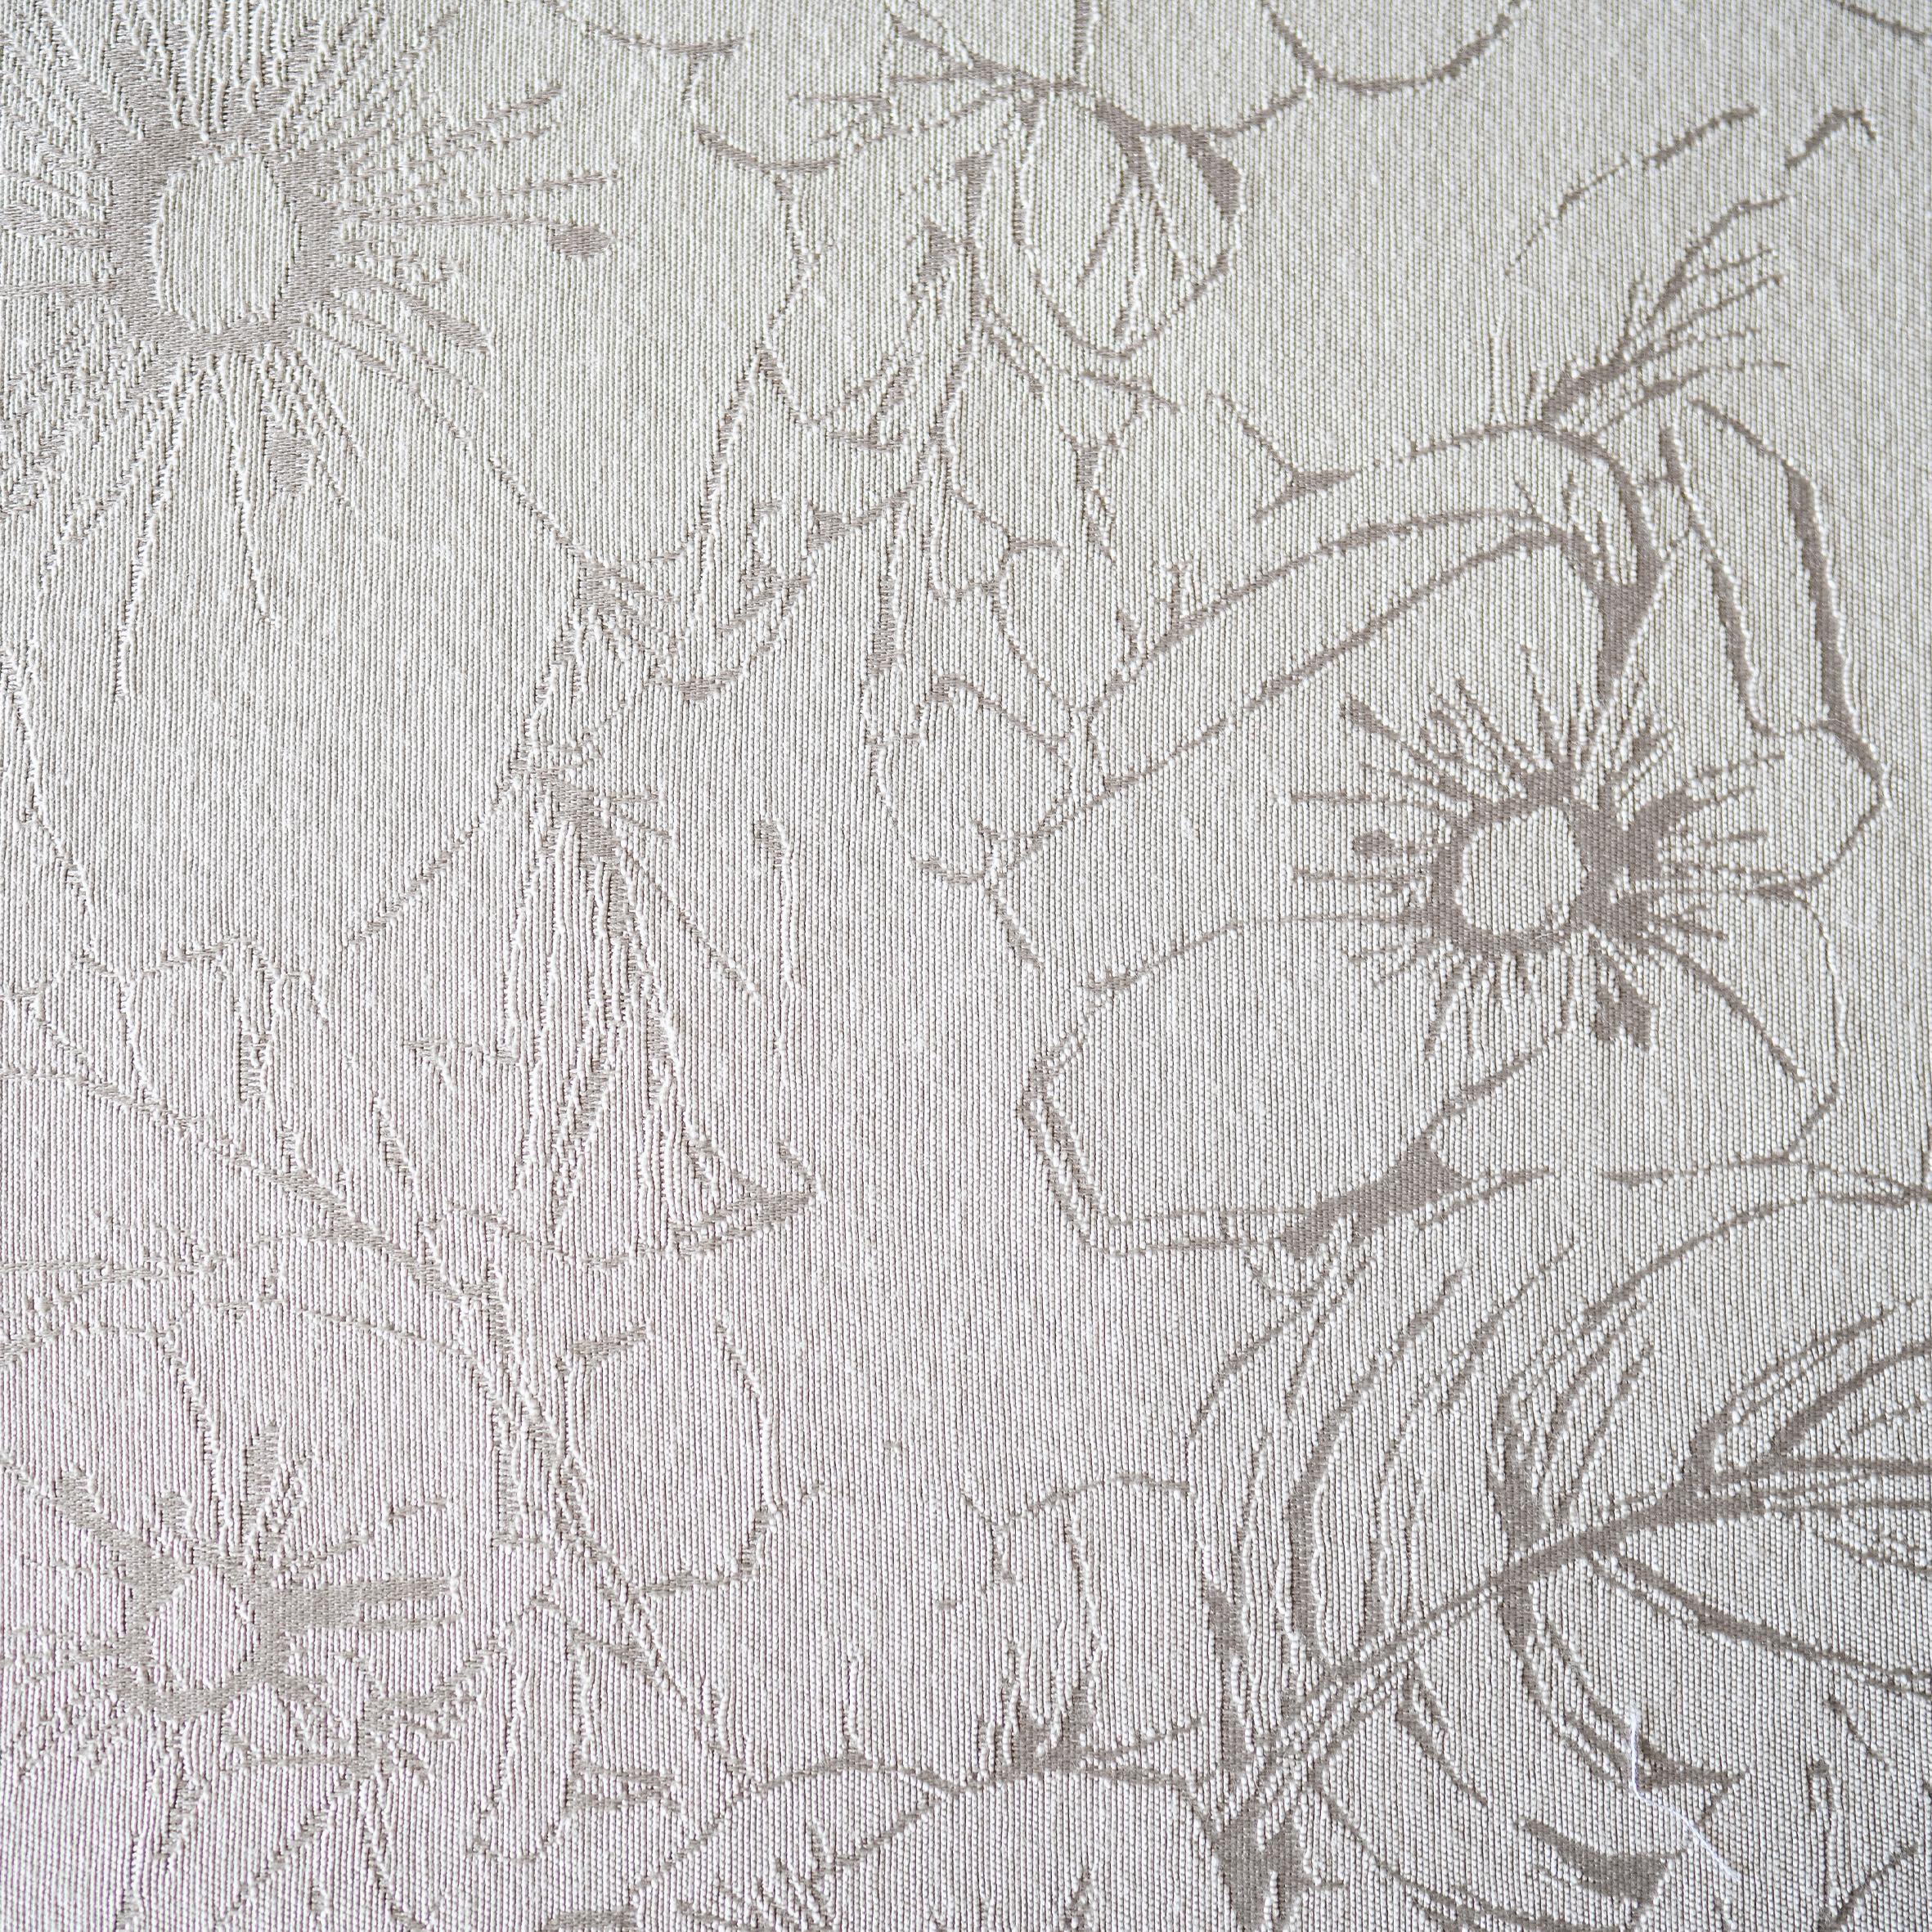 プレースマット  ナチュラルガーデン柄( Keukenhof Gardenia )